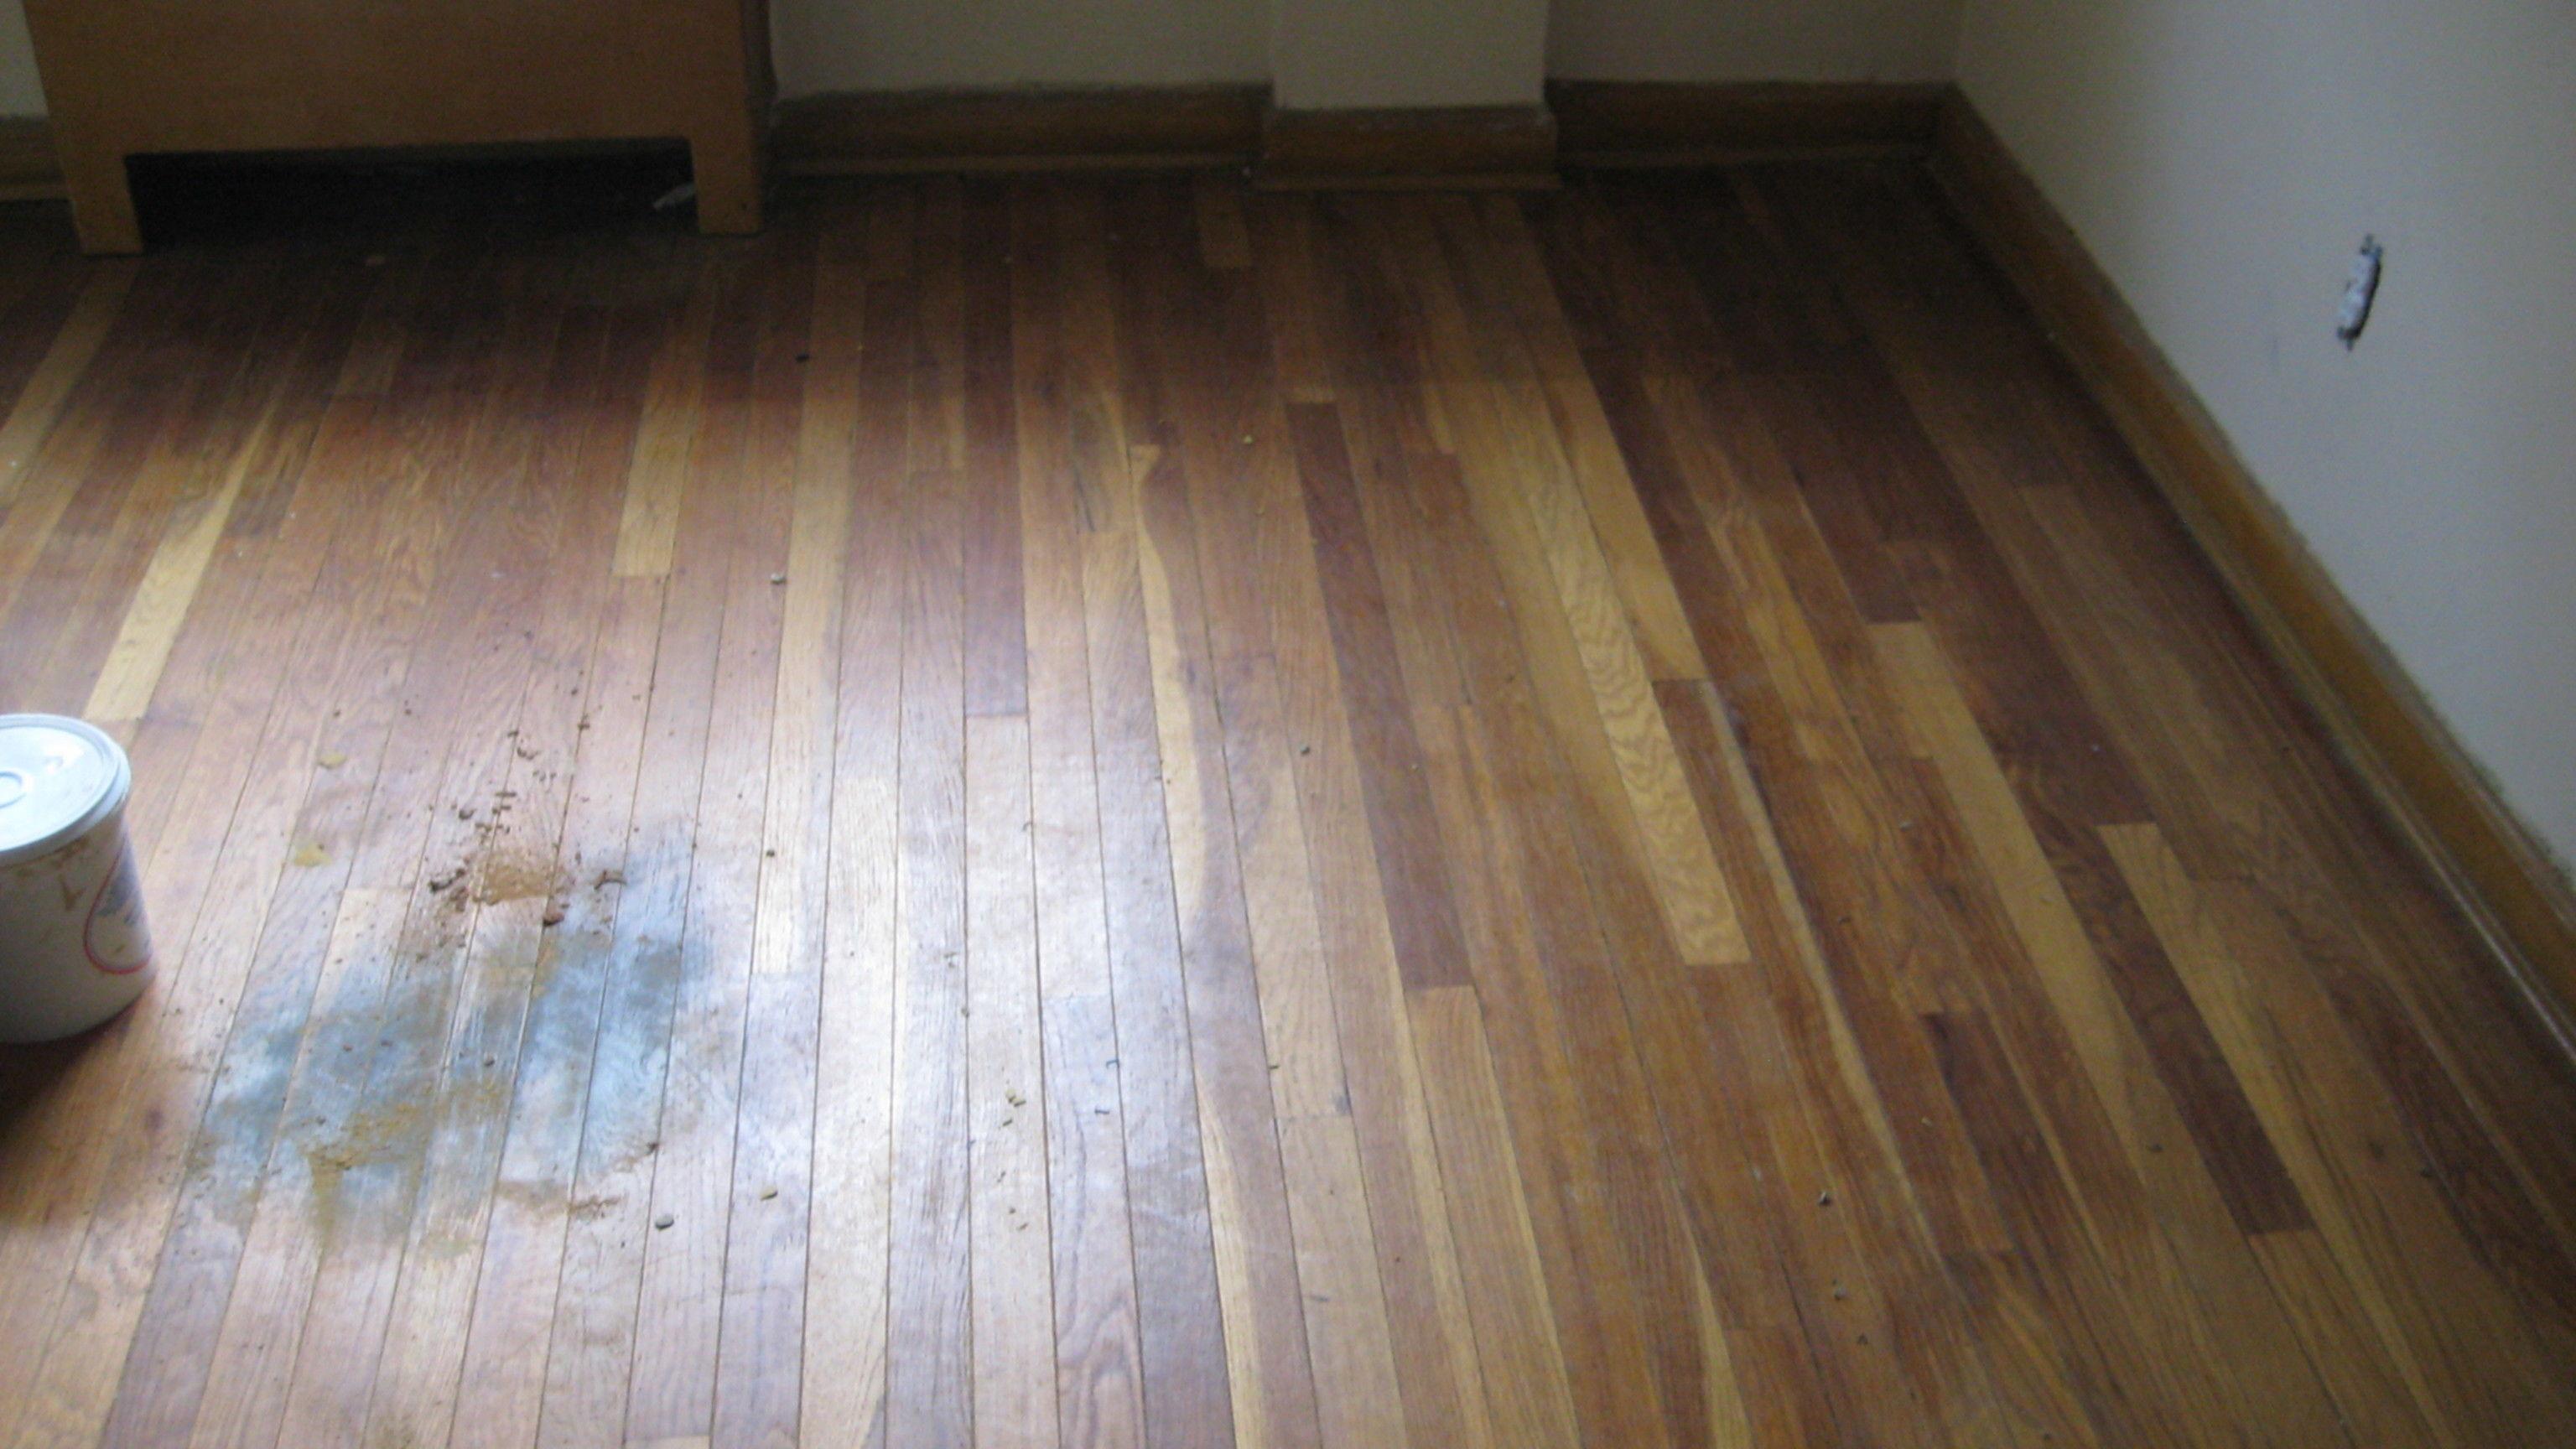 Schoonmaakmiddel Houten Vloer : Vlekken op houten vloer voordemakers